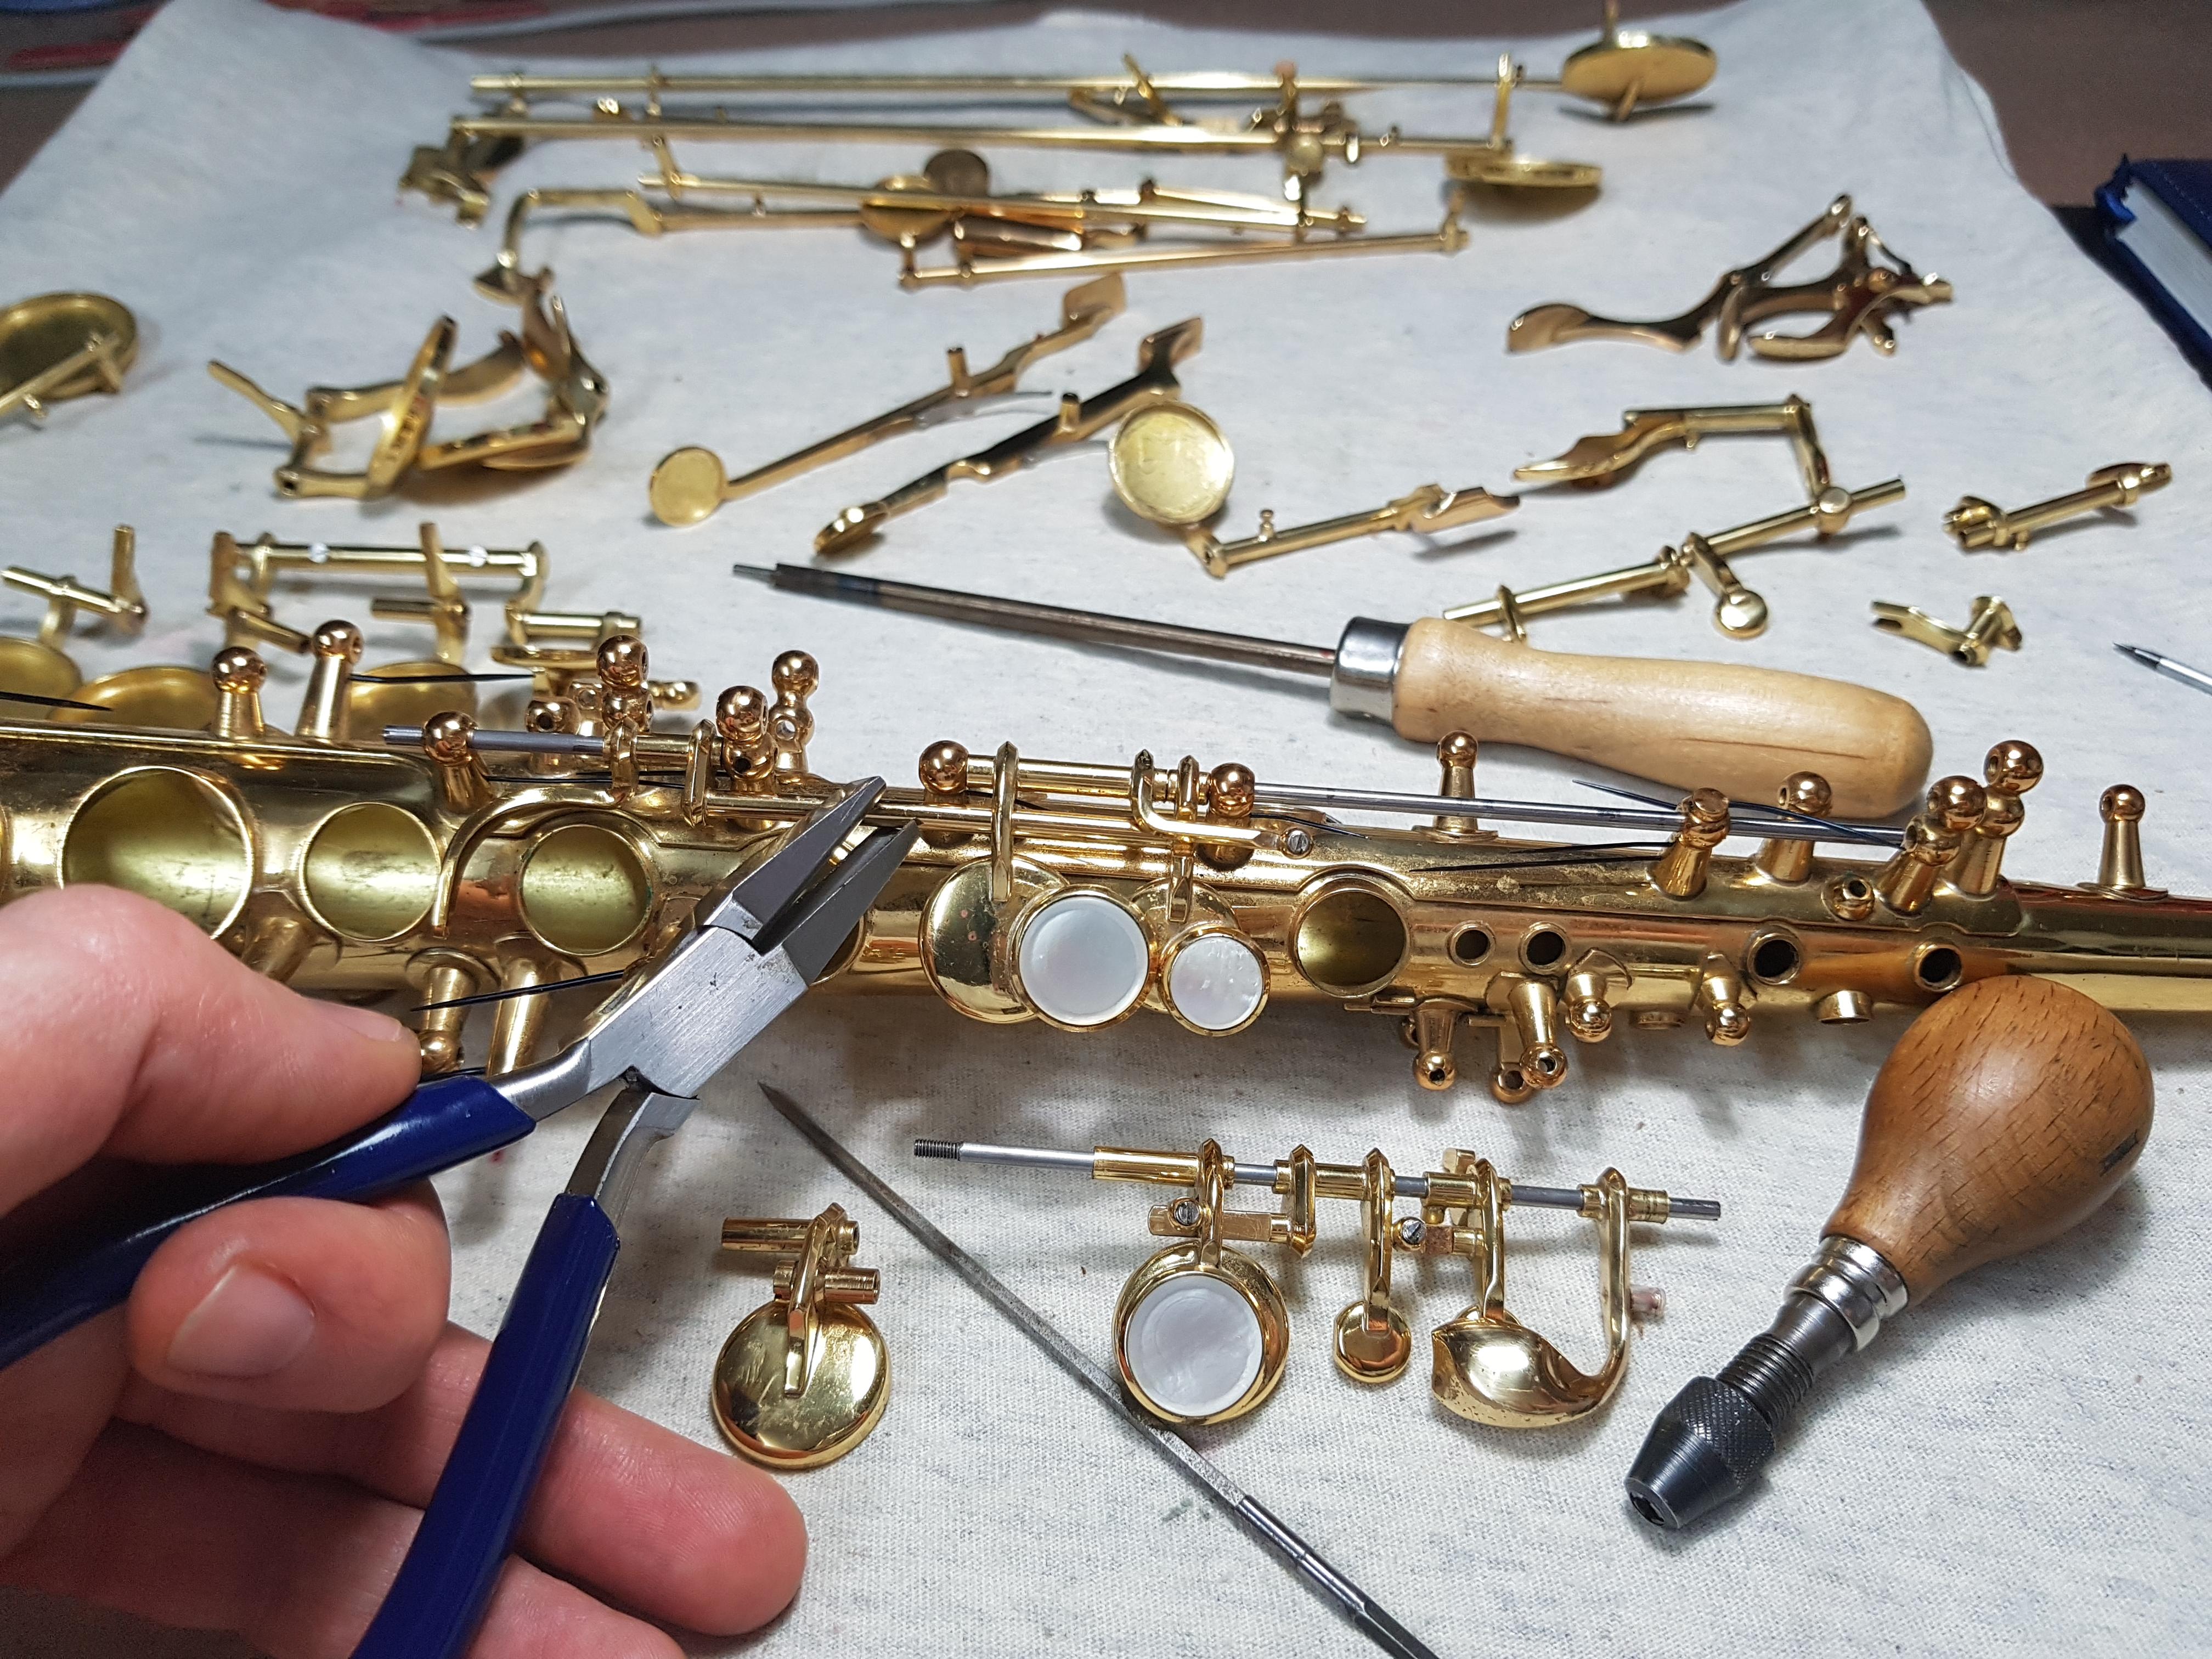 Quitando holguras de las llaves y mecanismos tras nivelar cazoletas y orificios